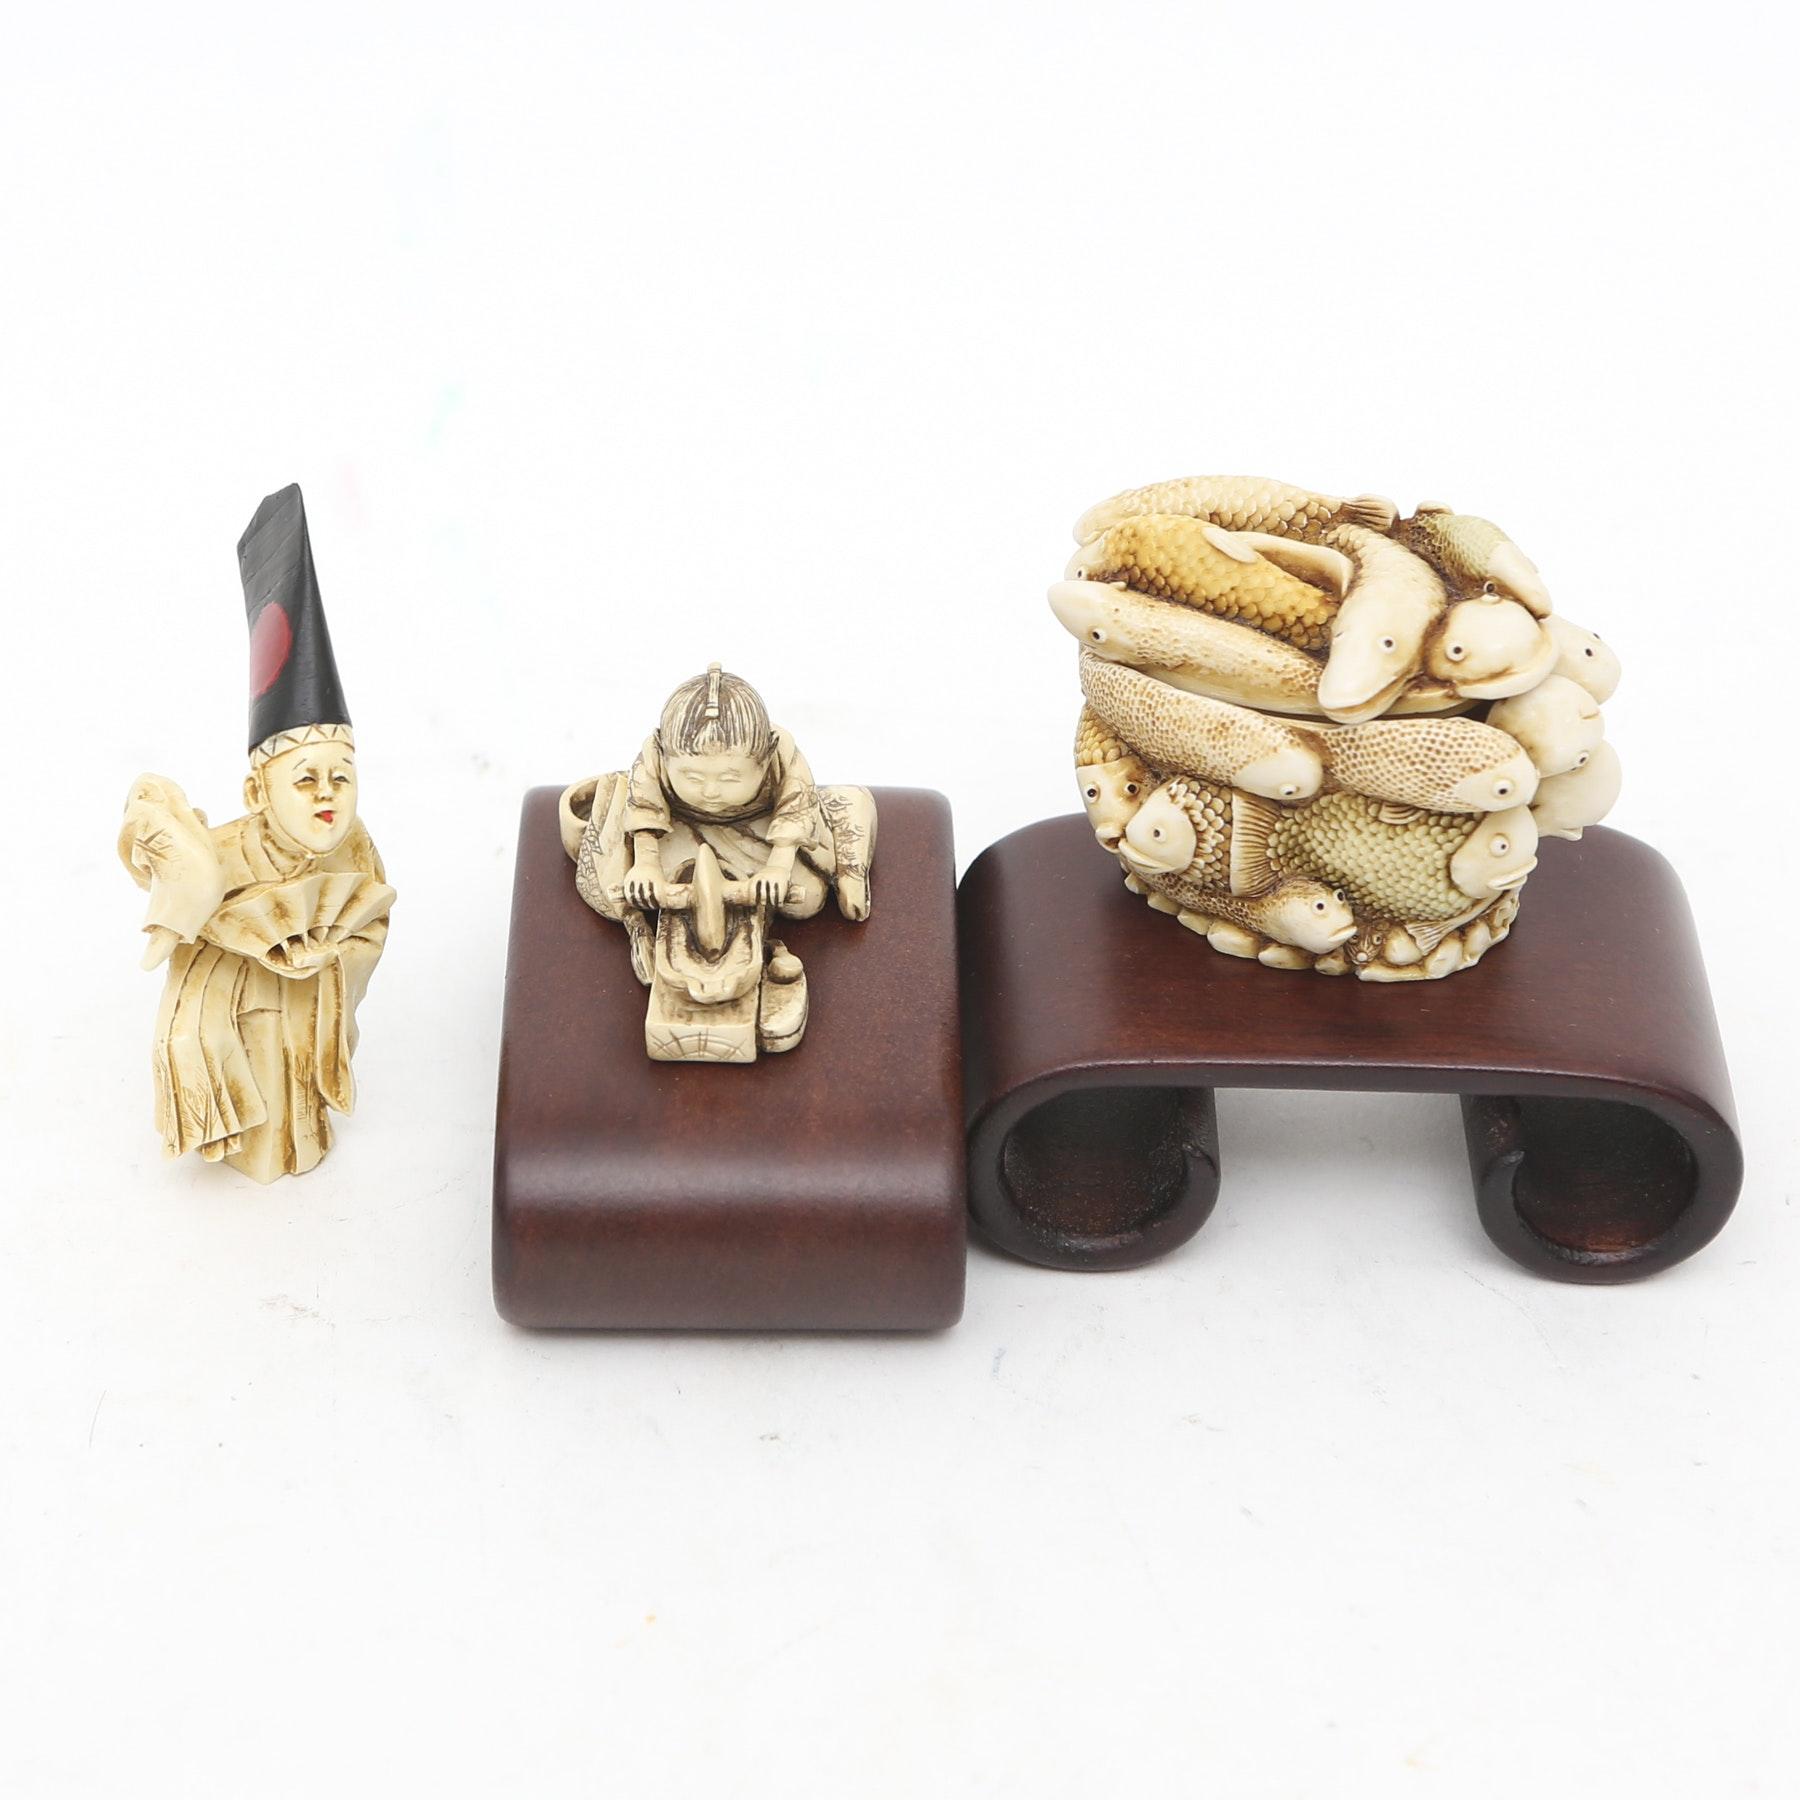 Netsuke-Style Figures with Trinket Box